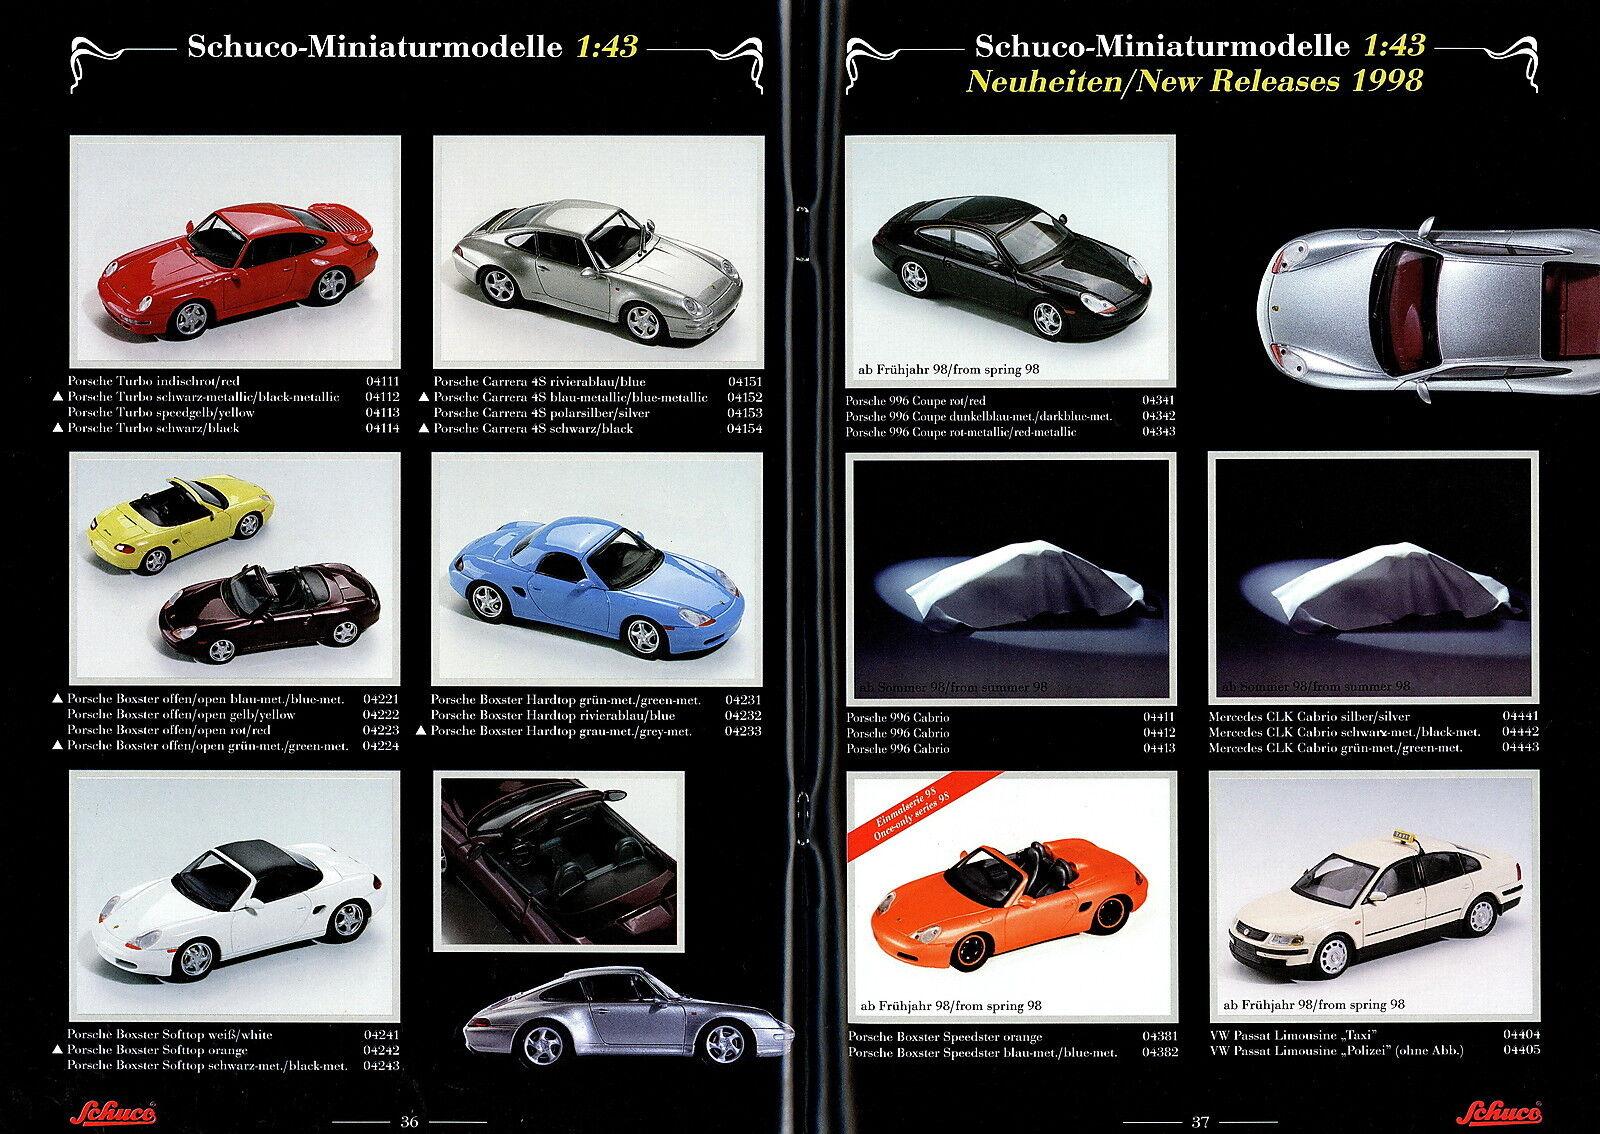 Schuco Collection Prospekt D GB 1998 Modellautos Miniaturmodelle Miniaturmodelle Miniaturmodelle model cars 3b3fdc